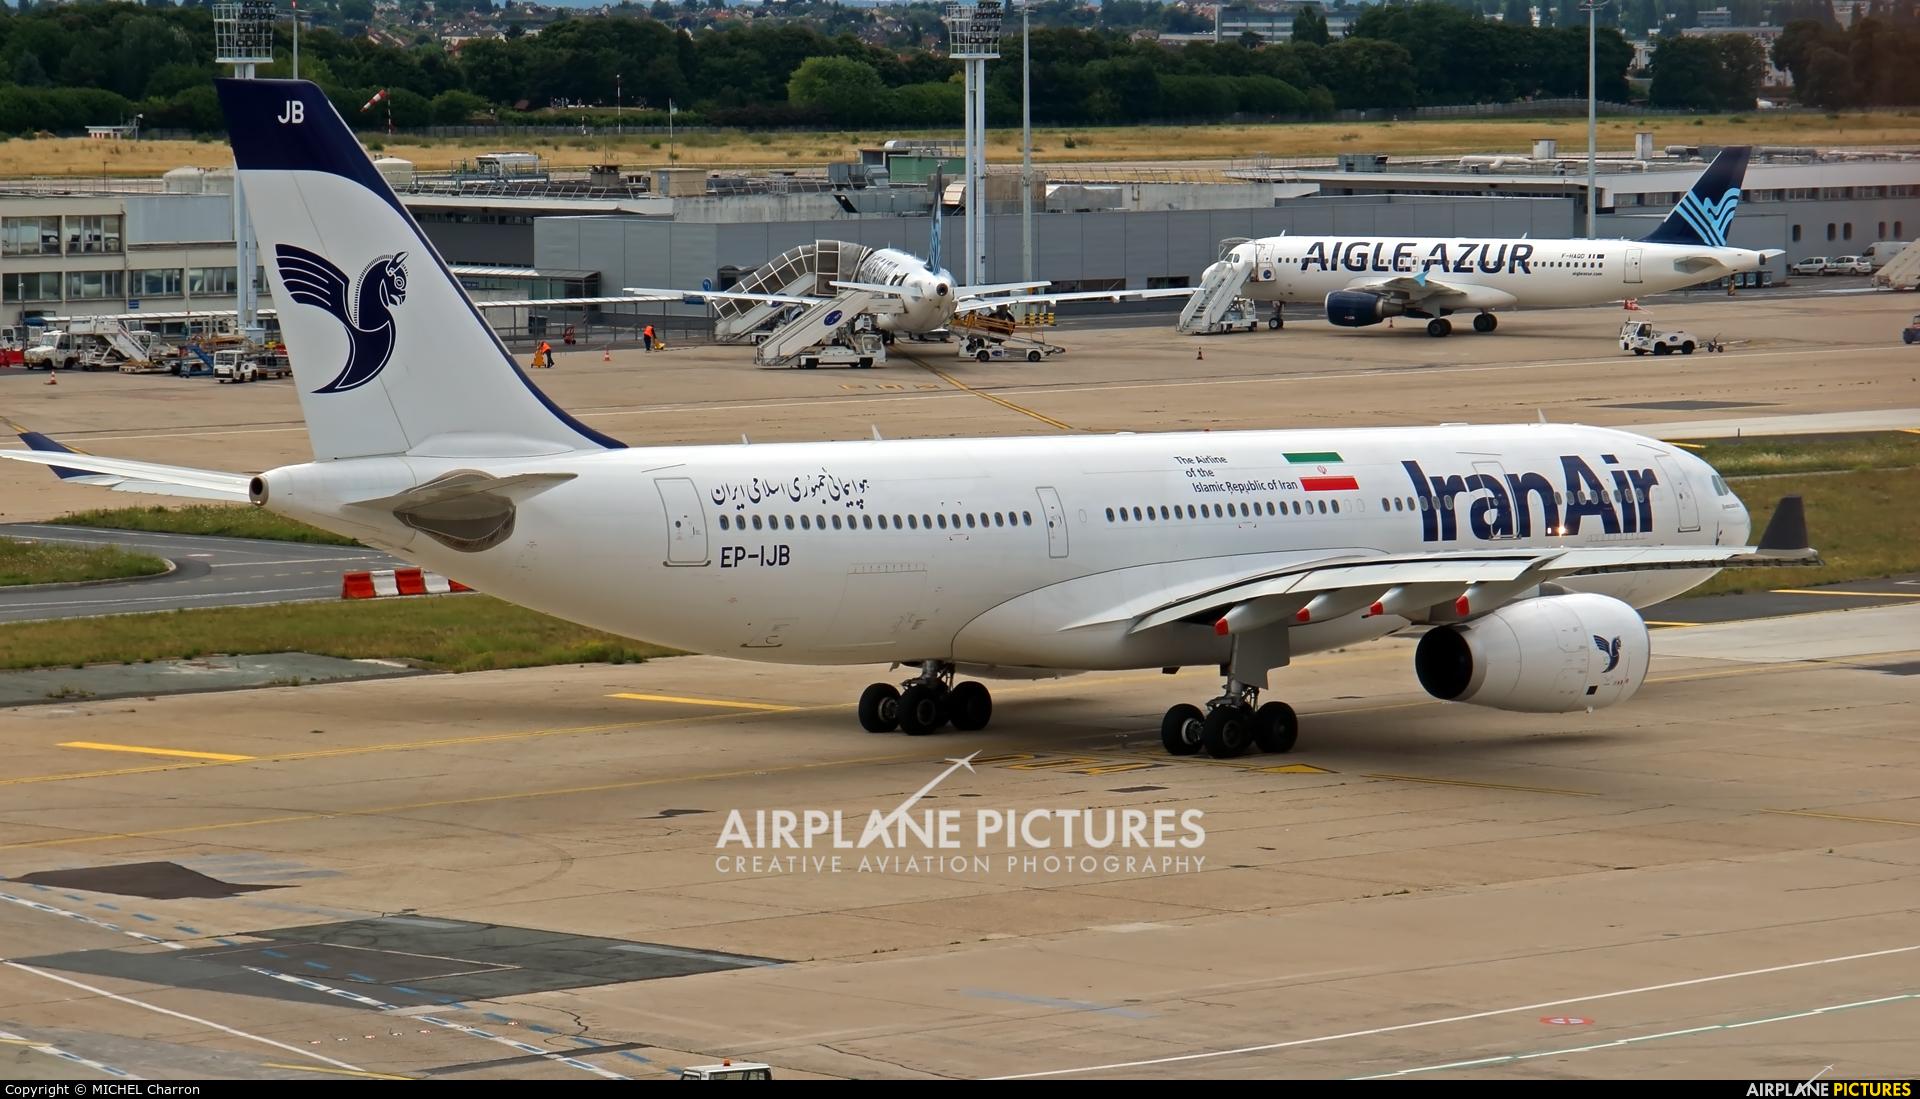 Iran Air EP-IJB aircraft at Paris - Orly